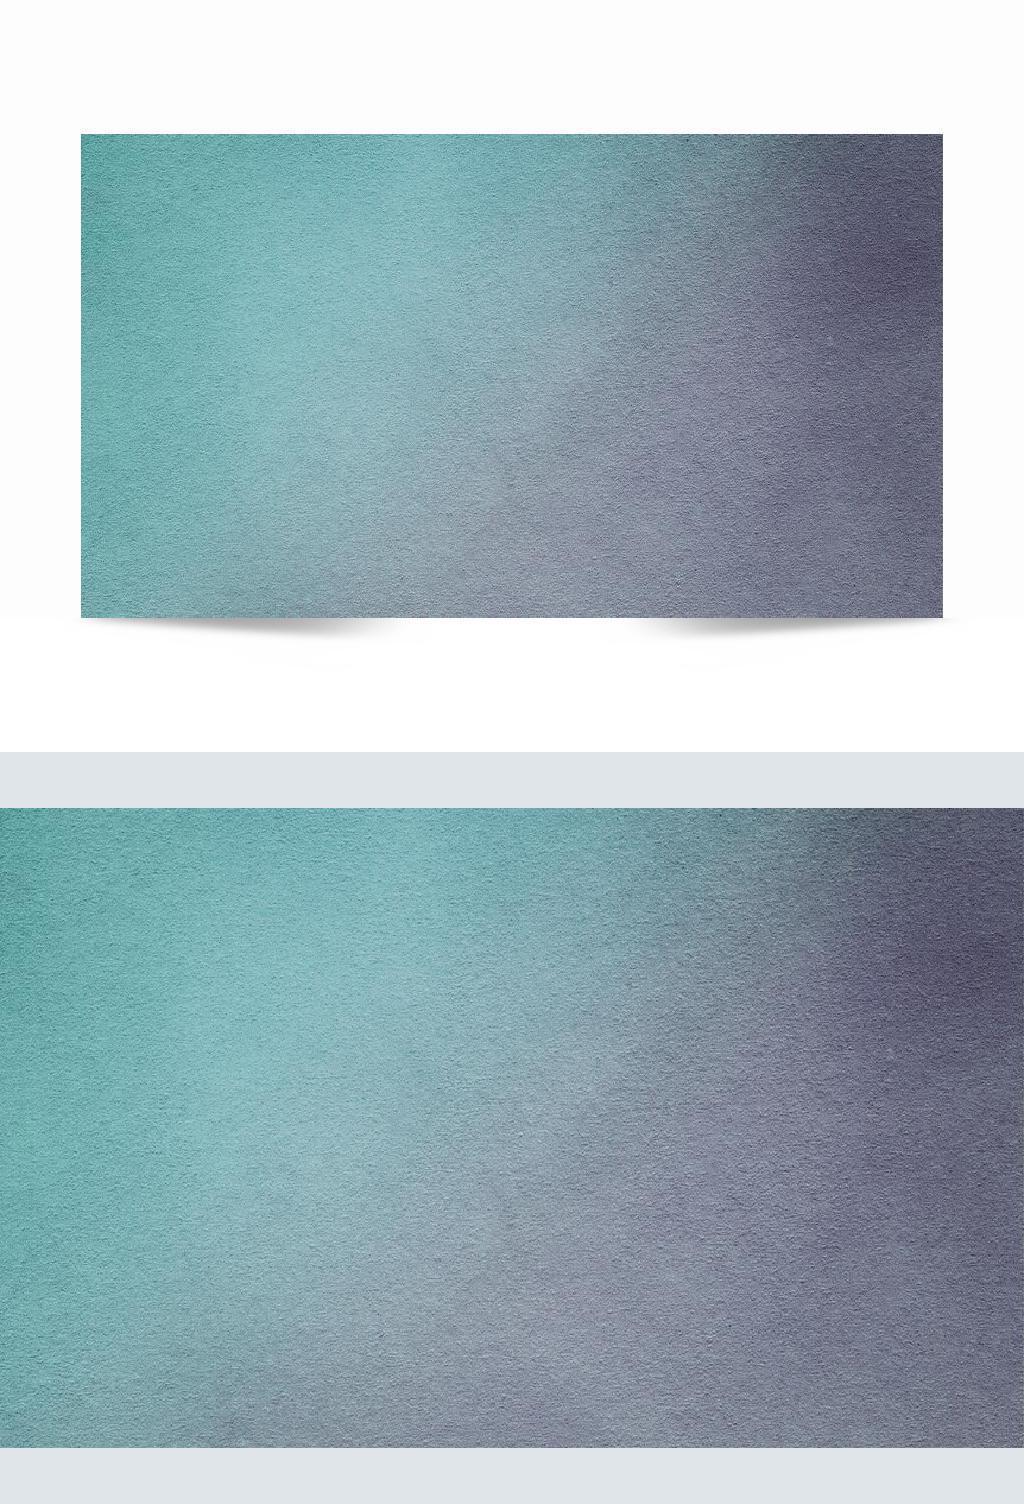 蓝色紫色简约纸张材质质感画纸纸质纹理背景